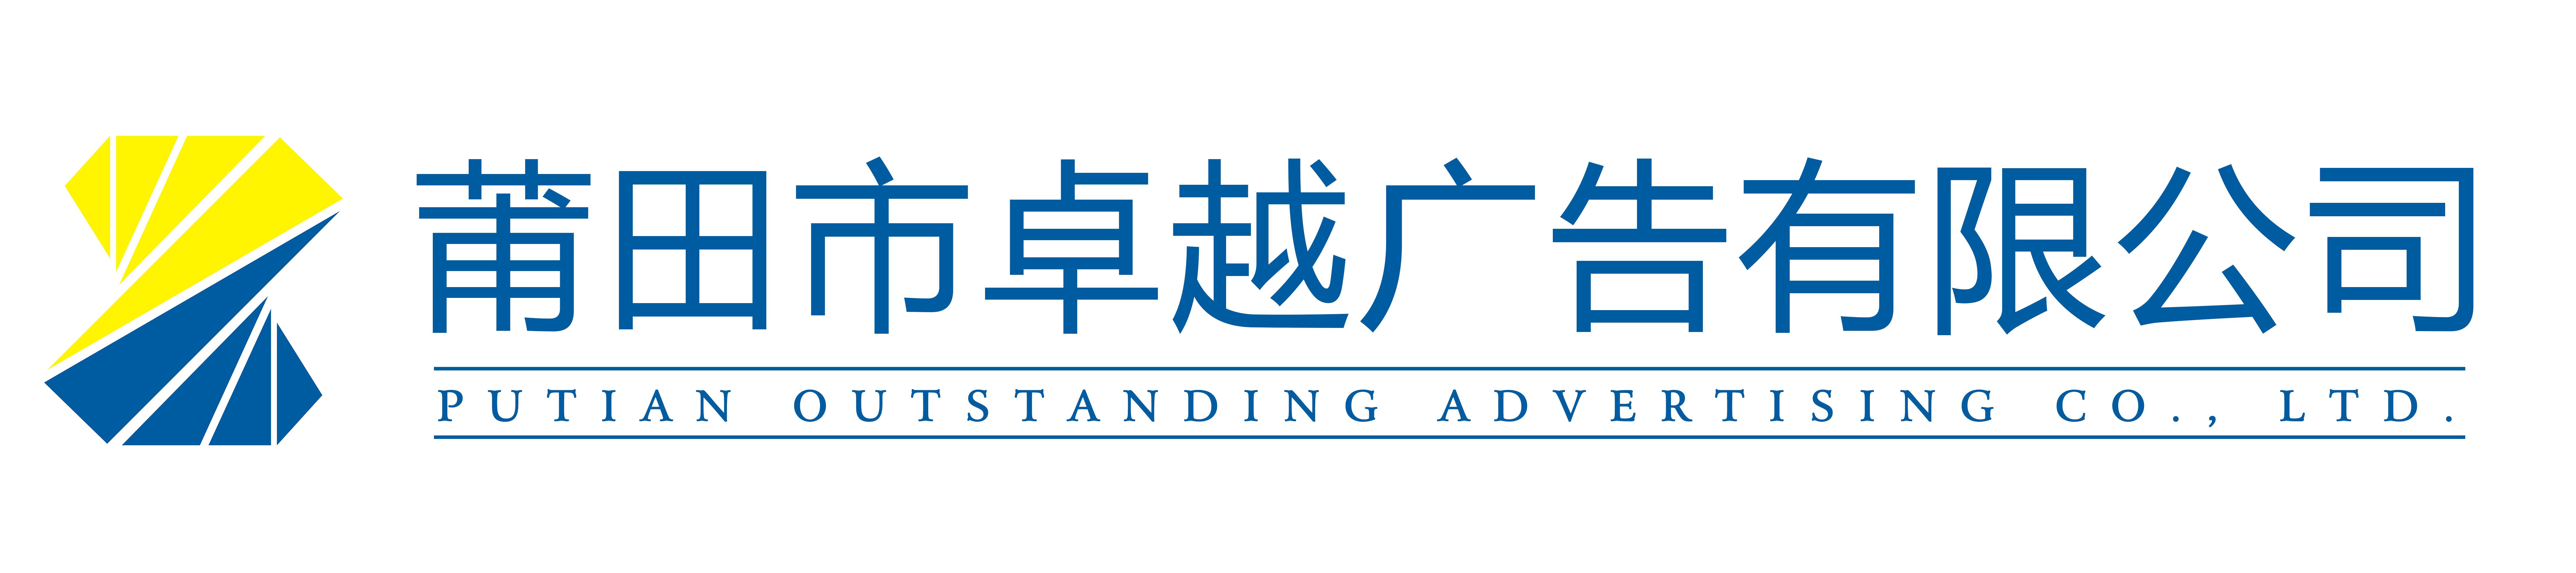 莆田市卓越广告有限公司